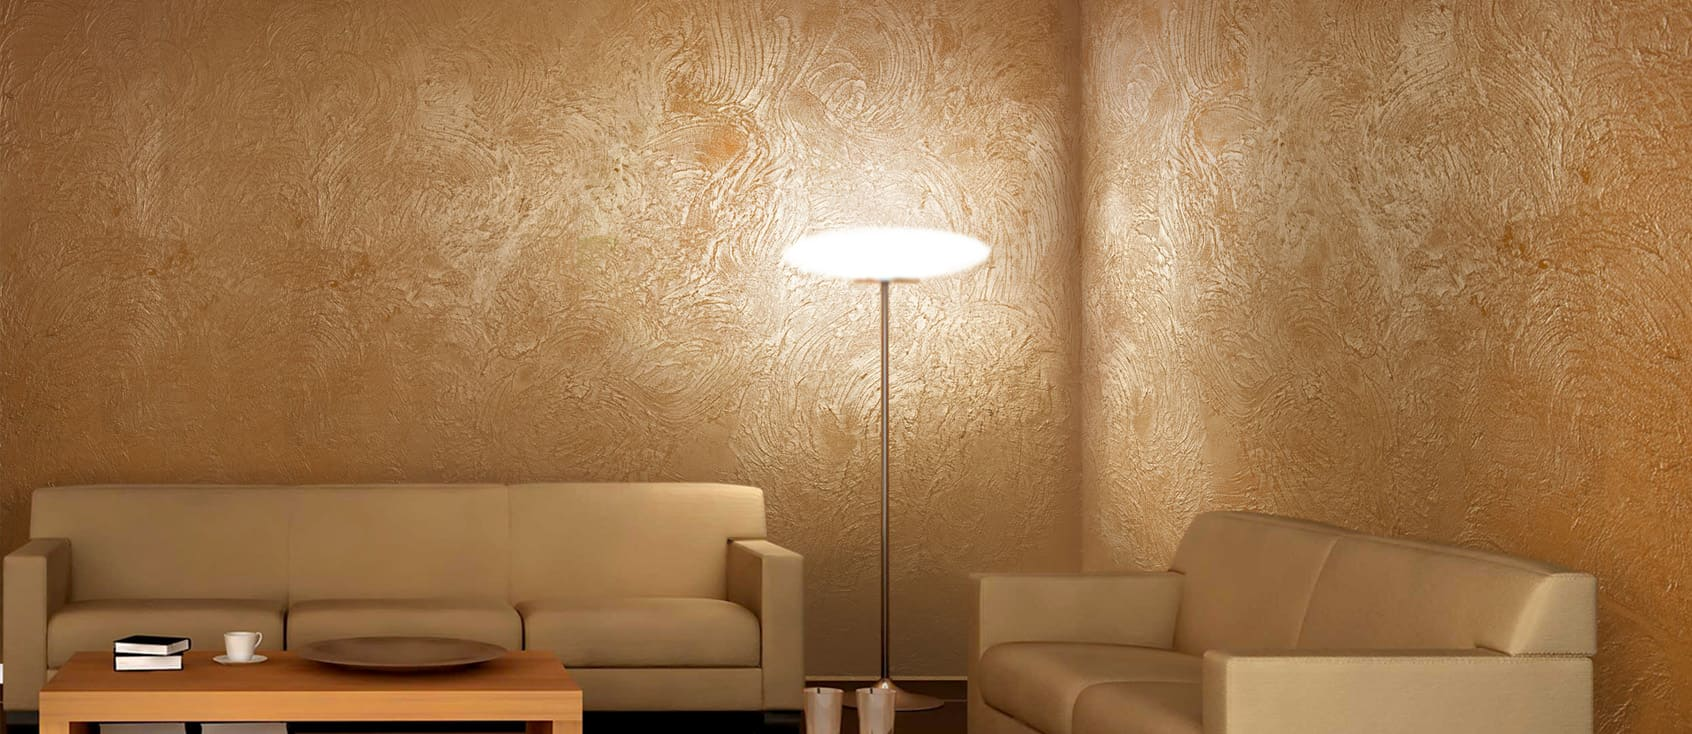 Декоративная штукатурка - лучшие красивые варианты отделки стен в интерьере 067